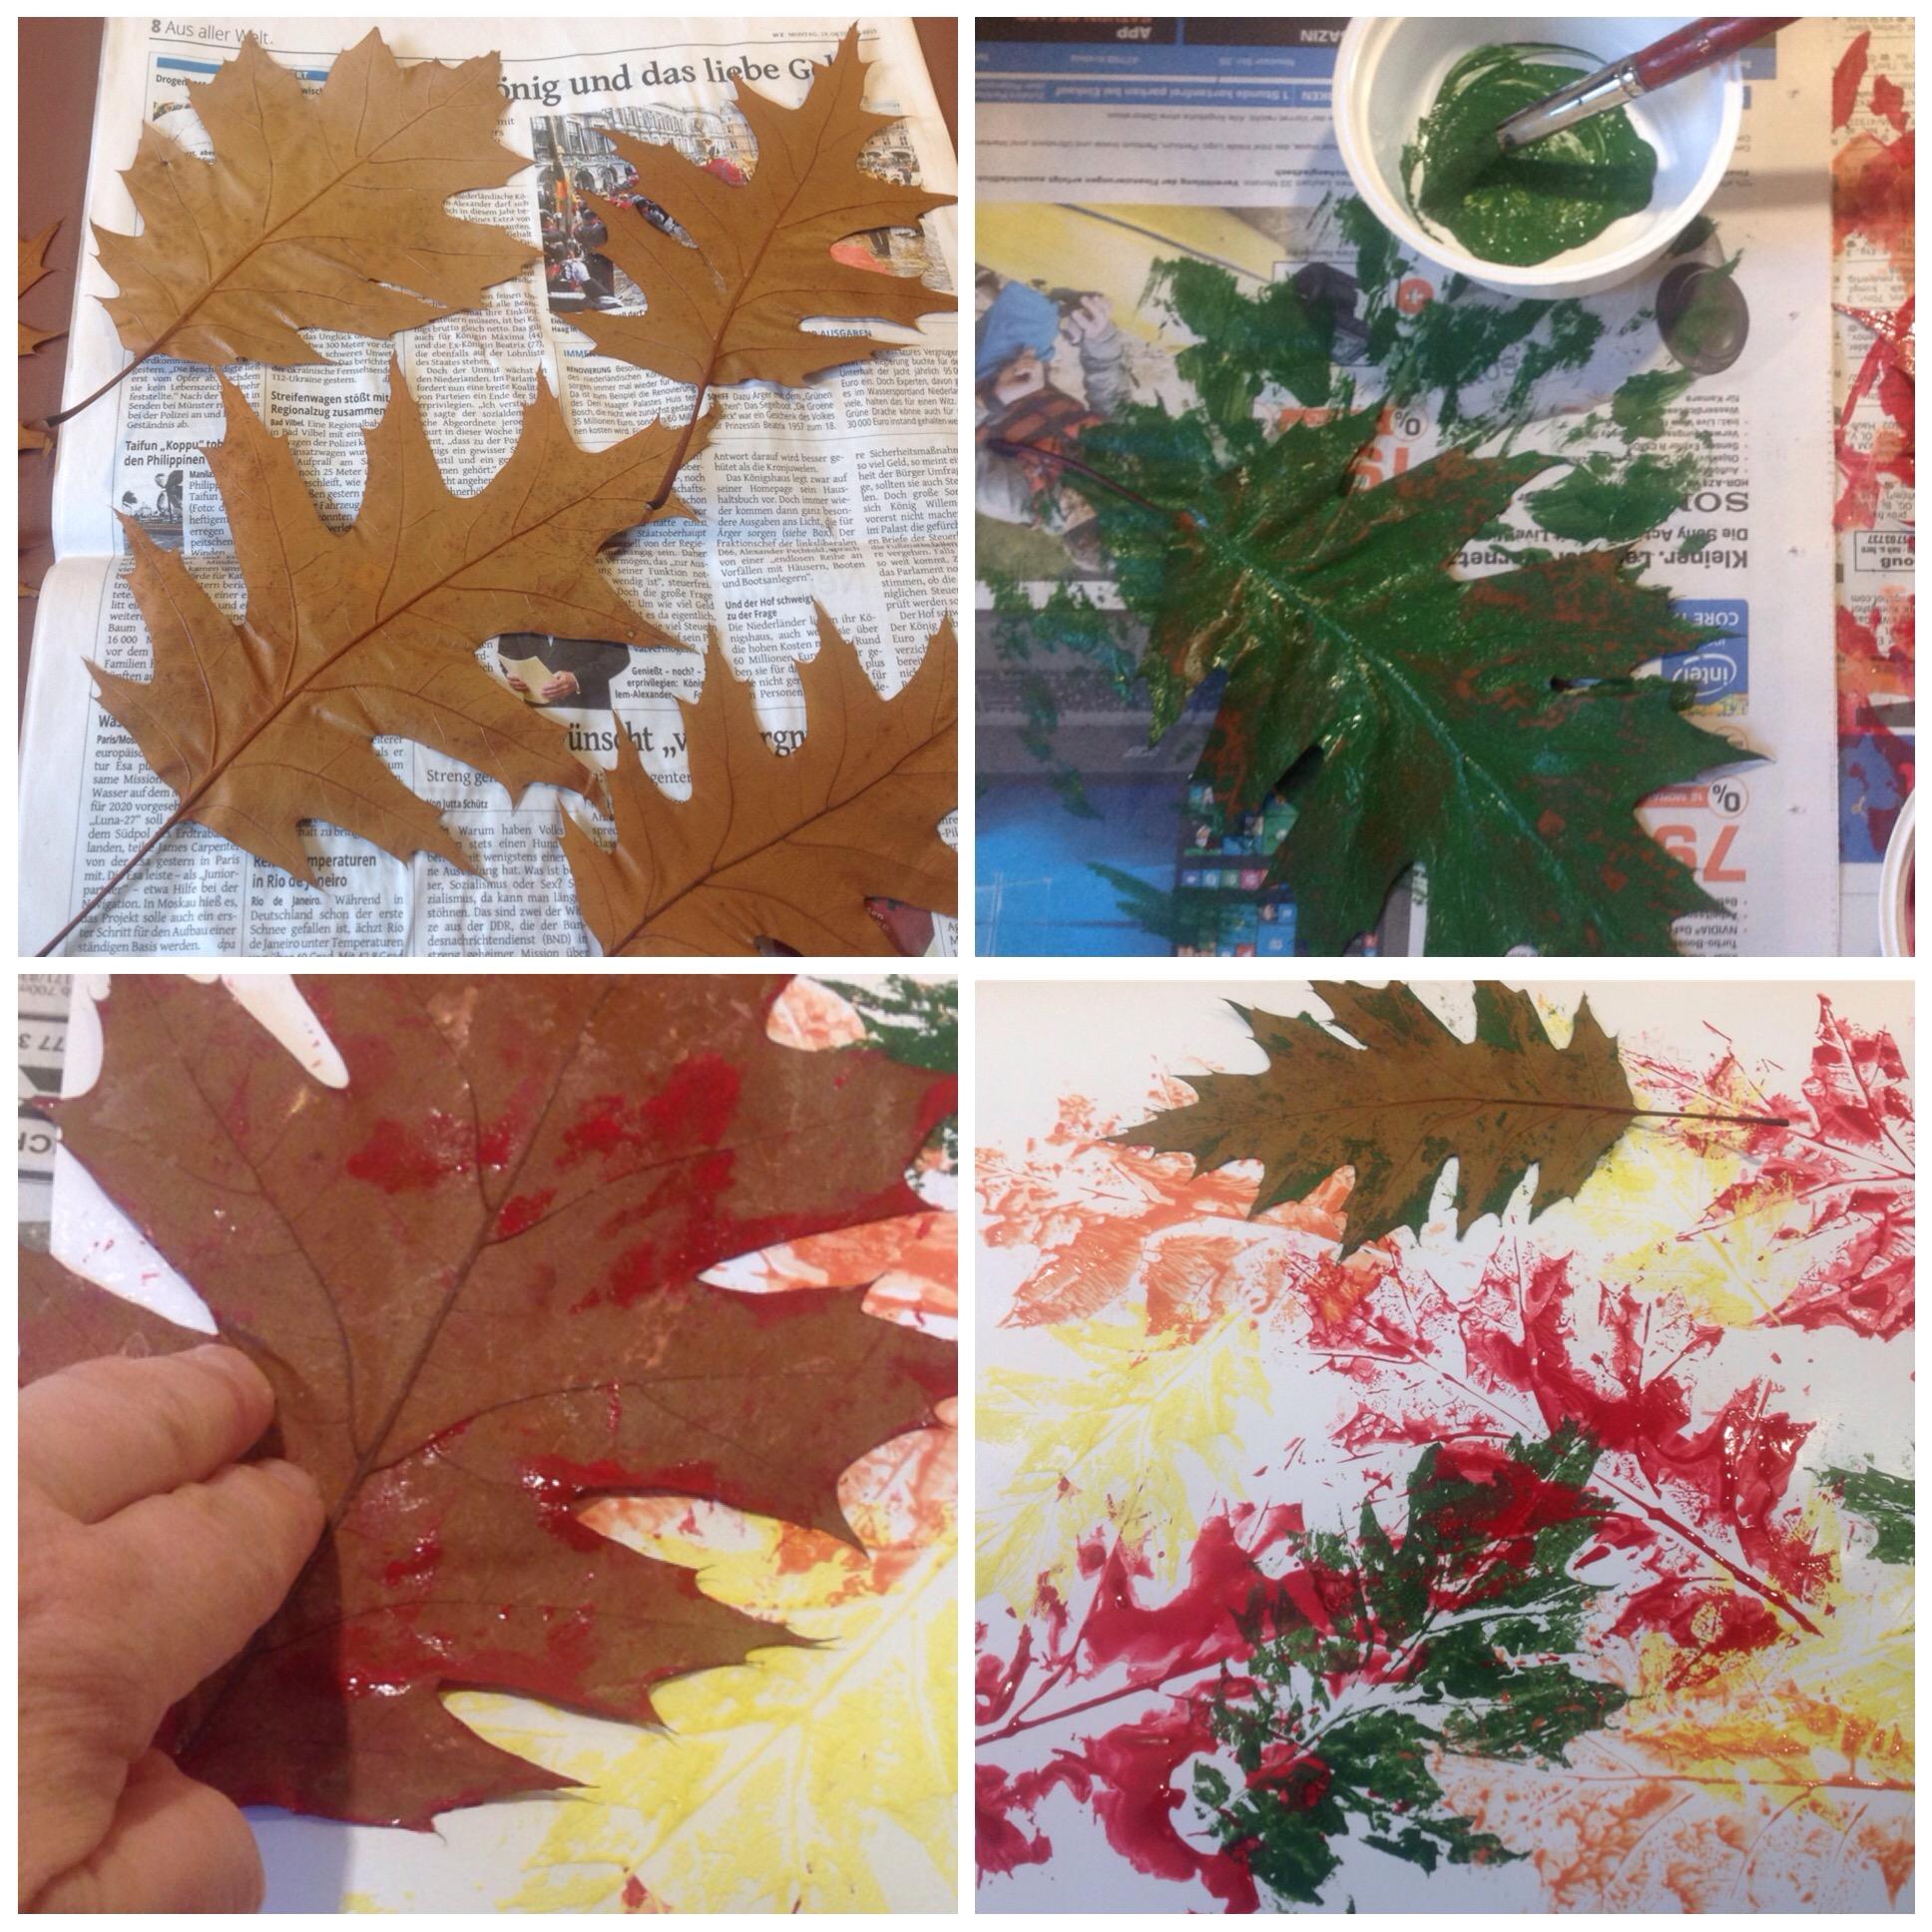 Vom Stacheligen Igel Und Bunten Blättern Oder Herbstliches